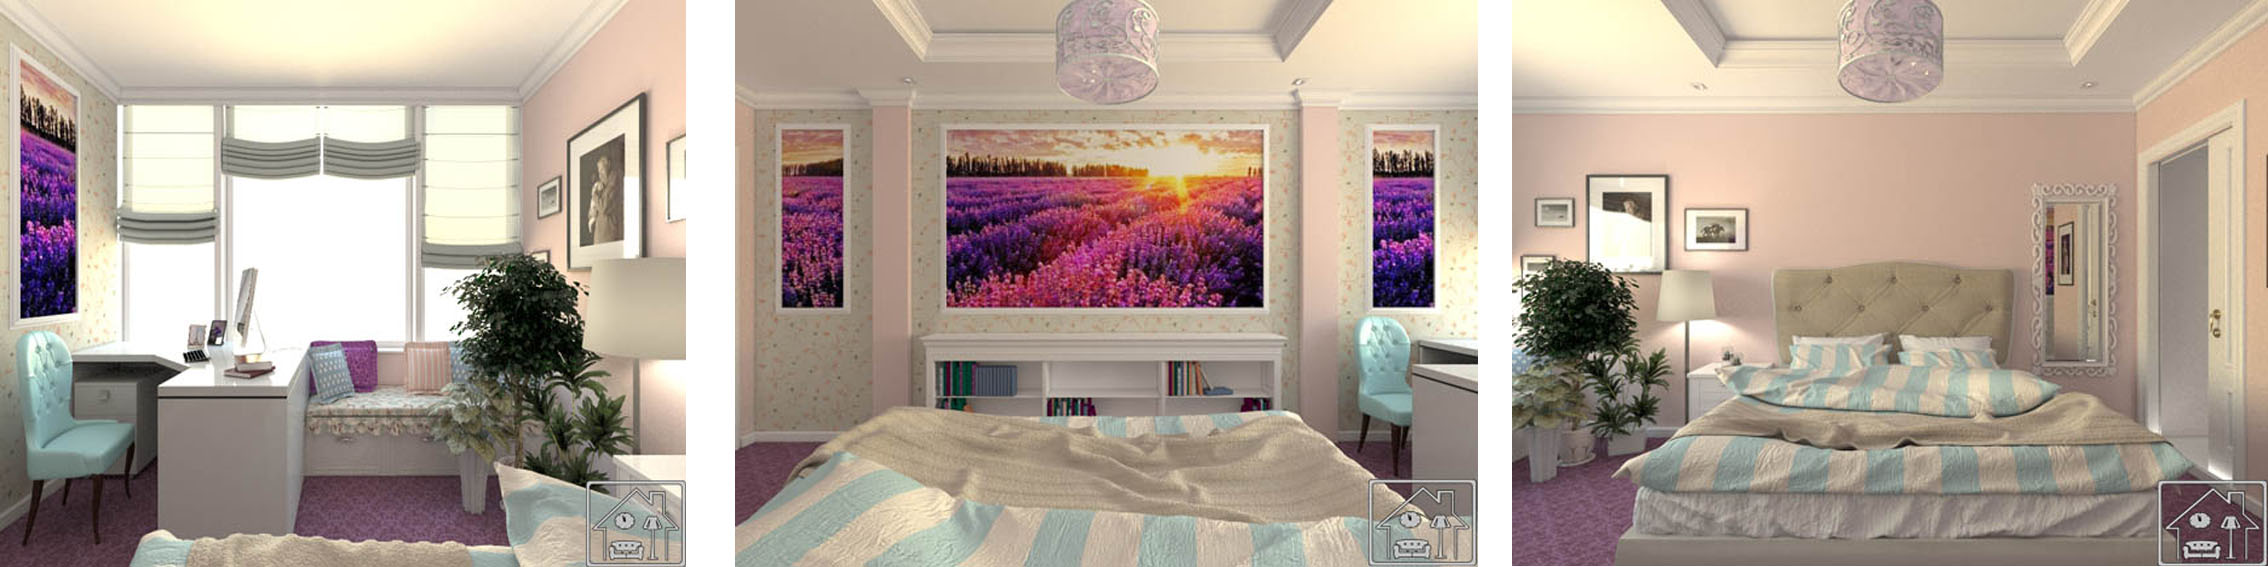 Комната девушки_в современном классическом стиле 6 ч 2